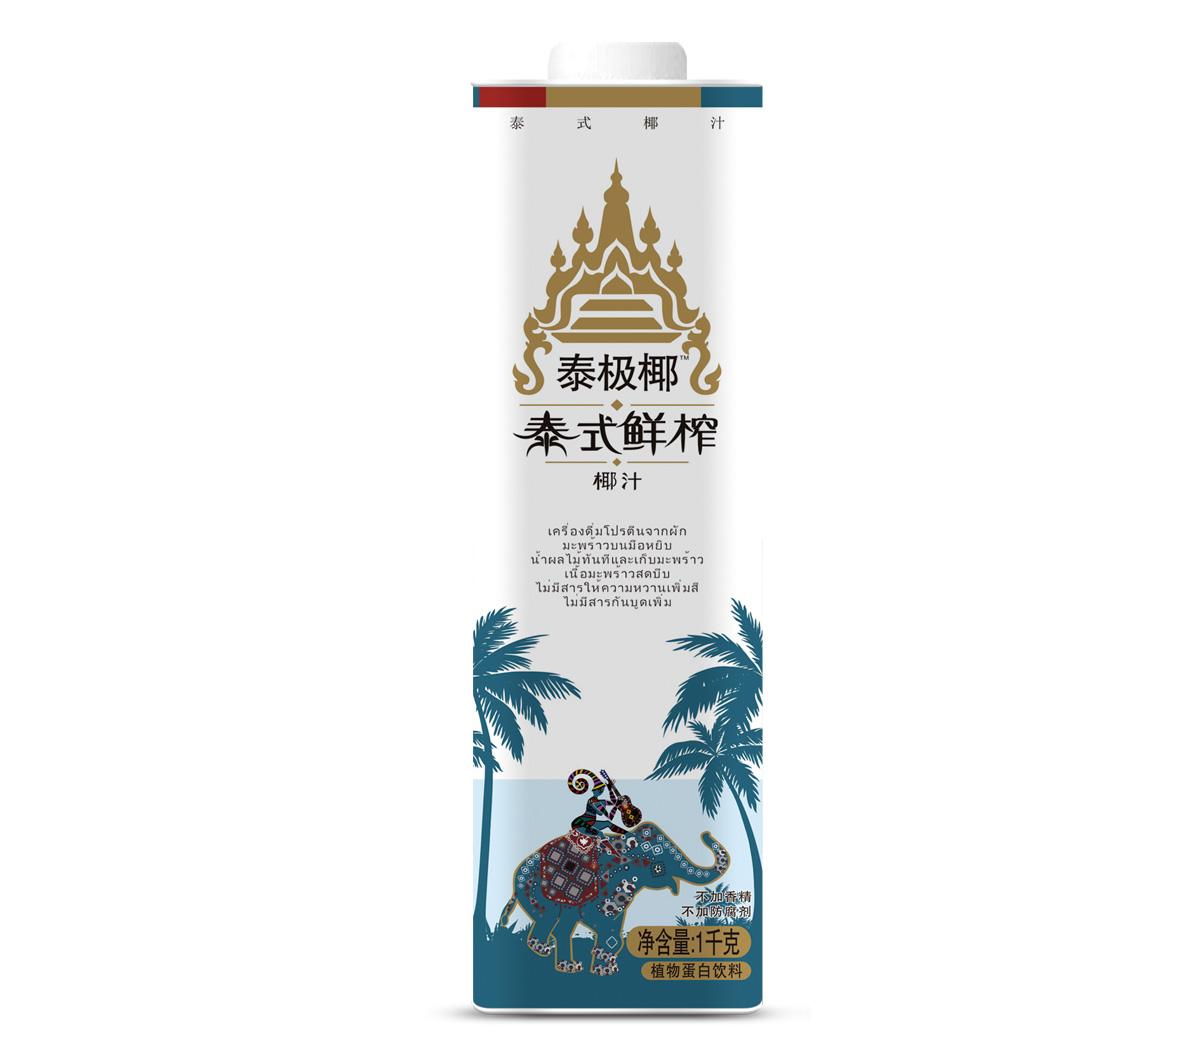 1L直瓶方盒盒装百事得泰极椰泰式生榨椰子汁饮料